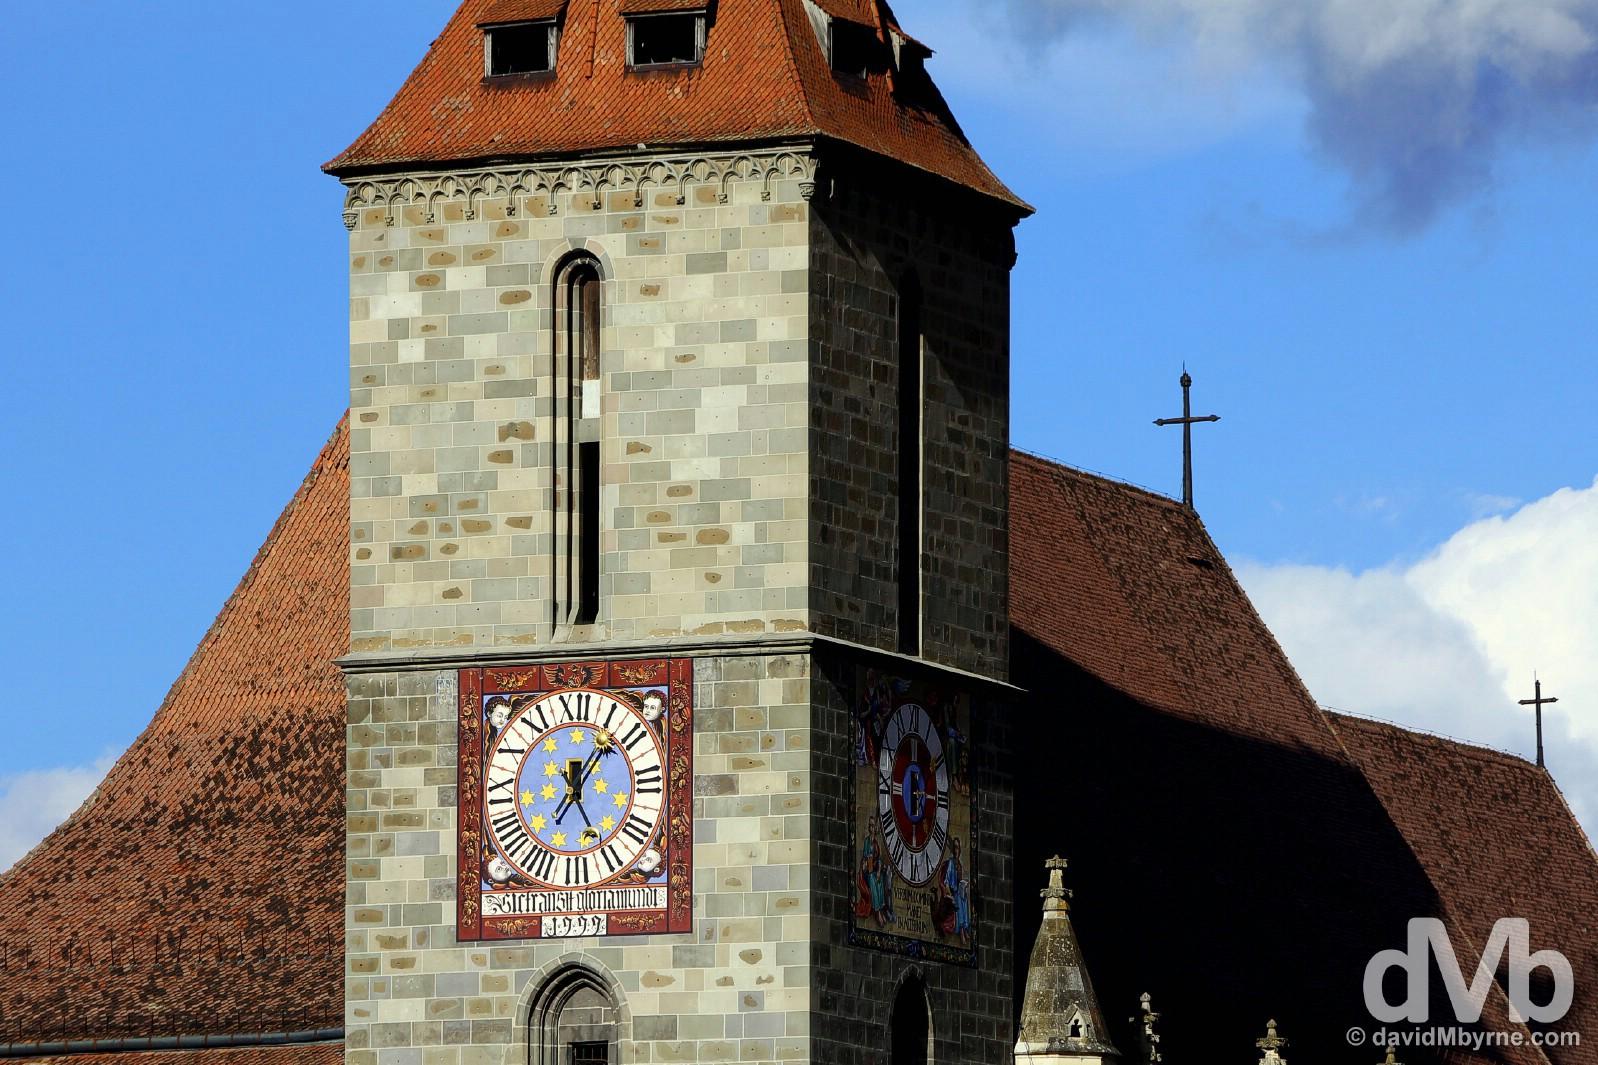 Biserica Neagra, the Black Church, Brasov, Romania. April 2, 2015.